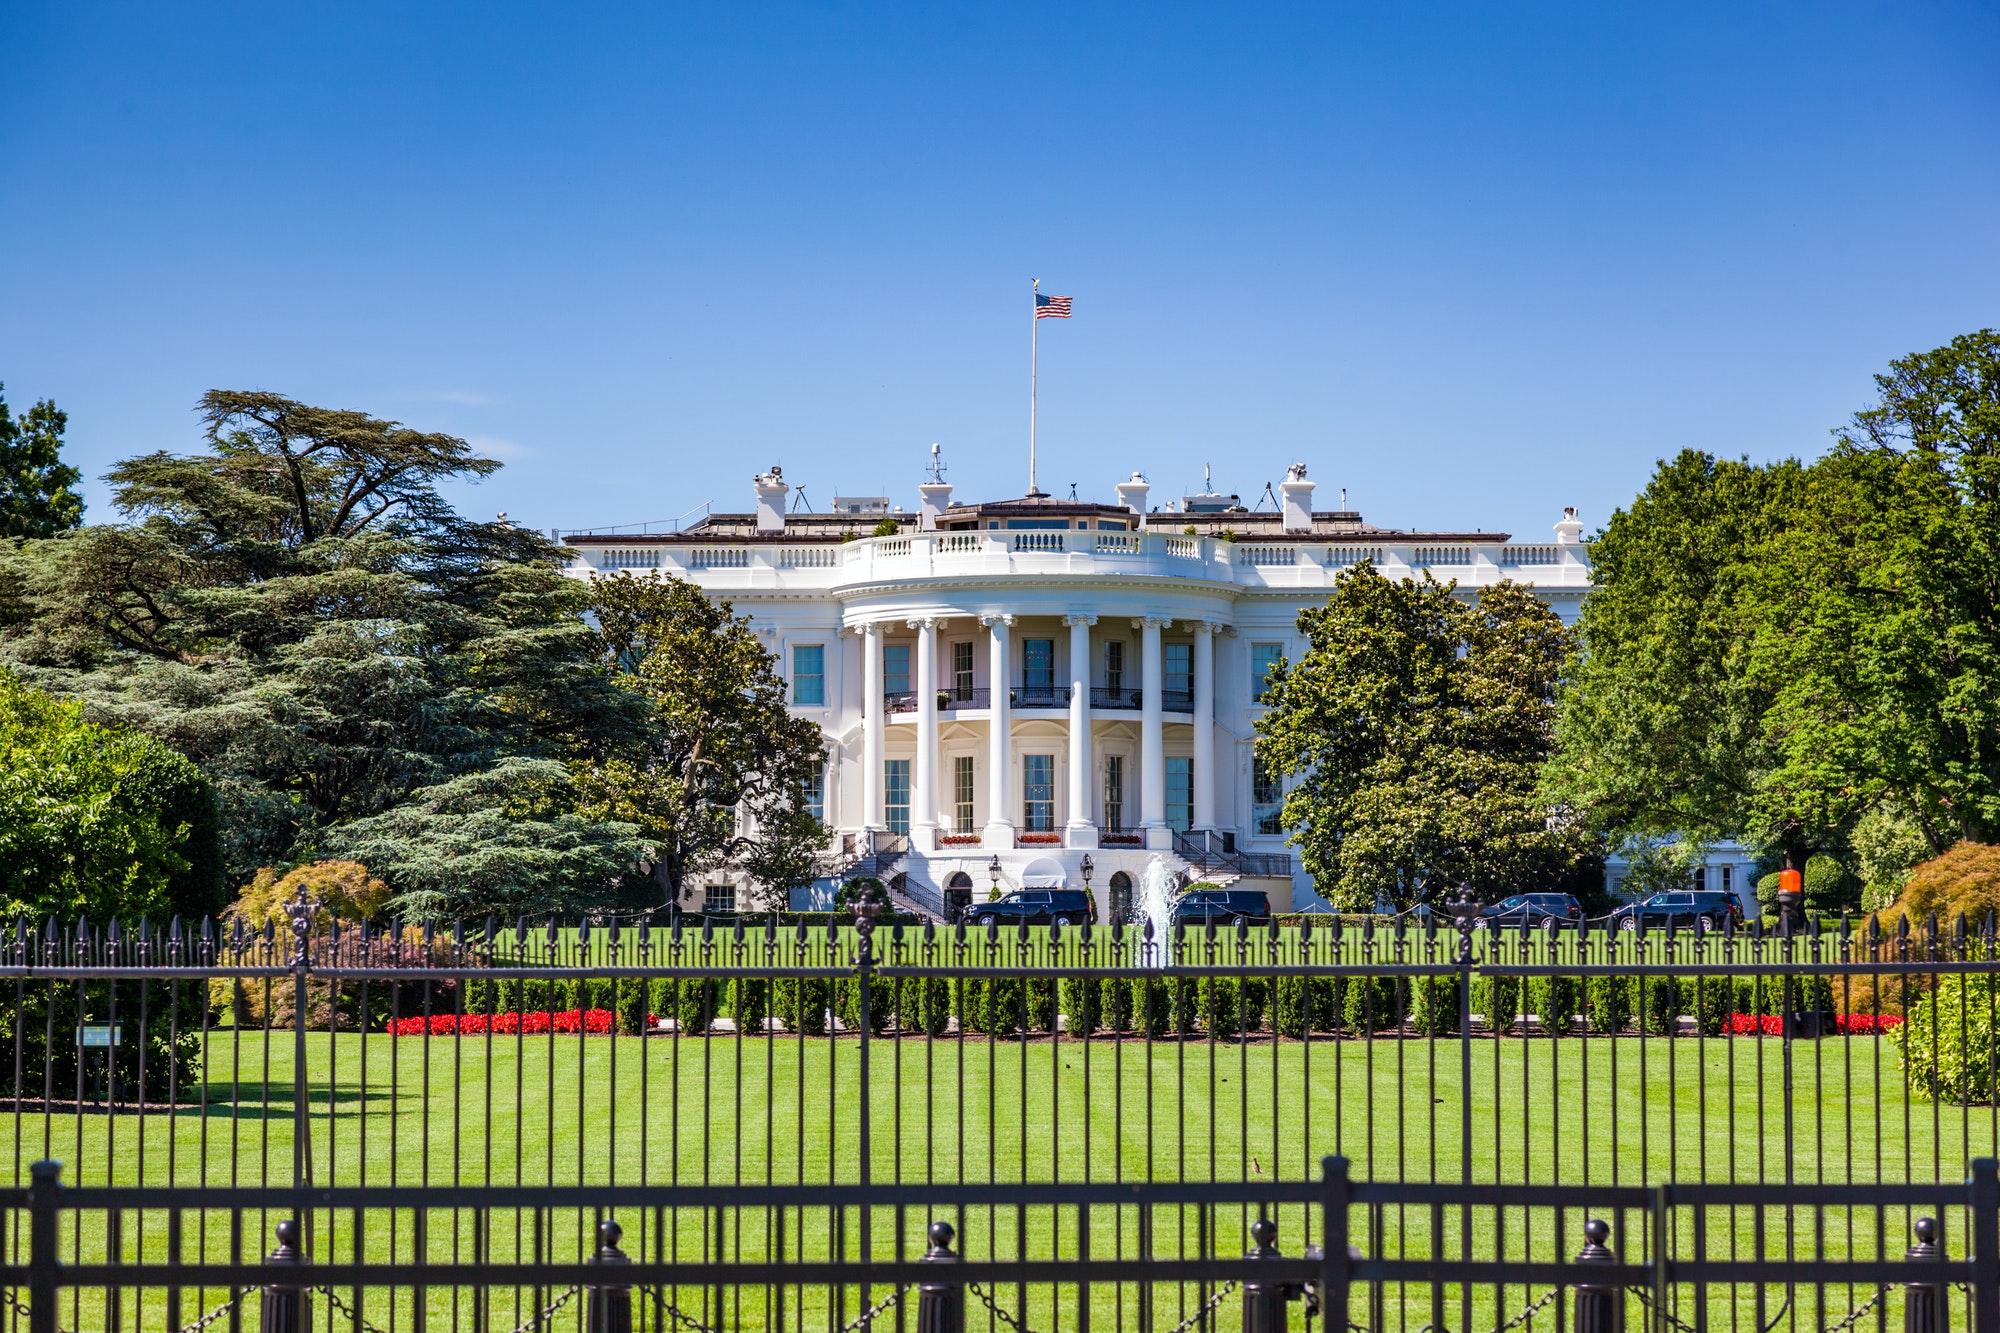 The White House, Washington DC, USA.